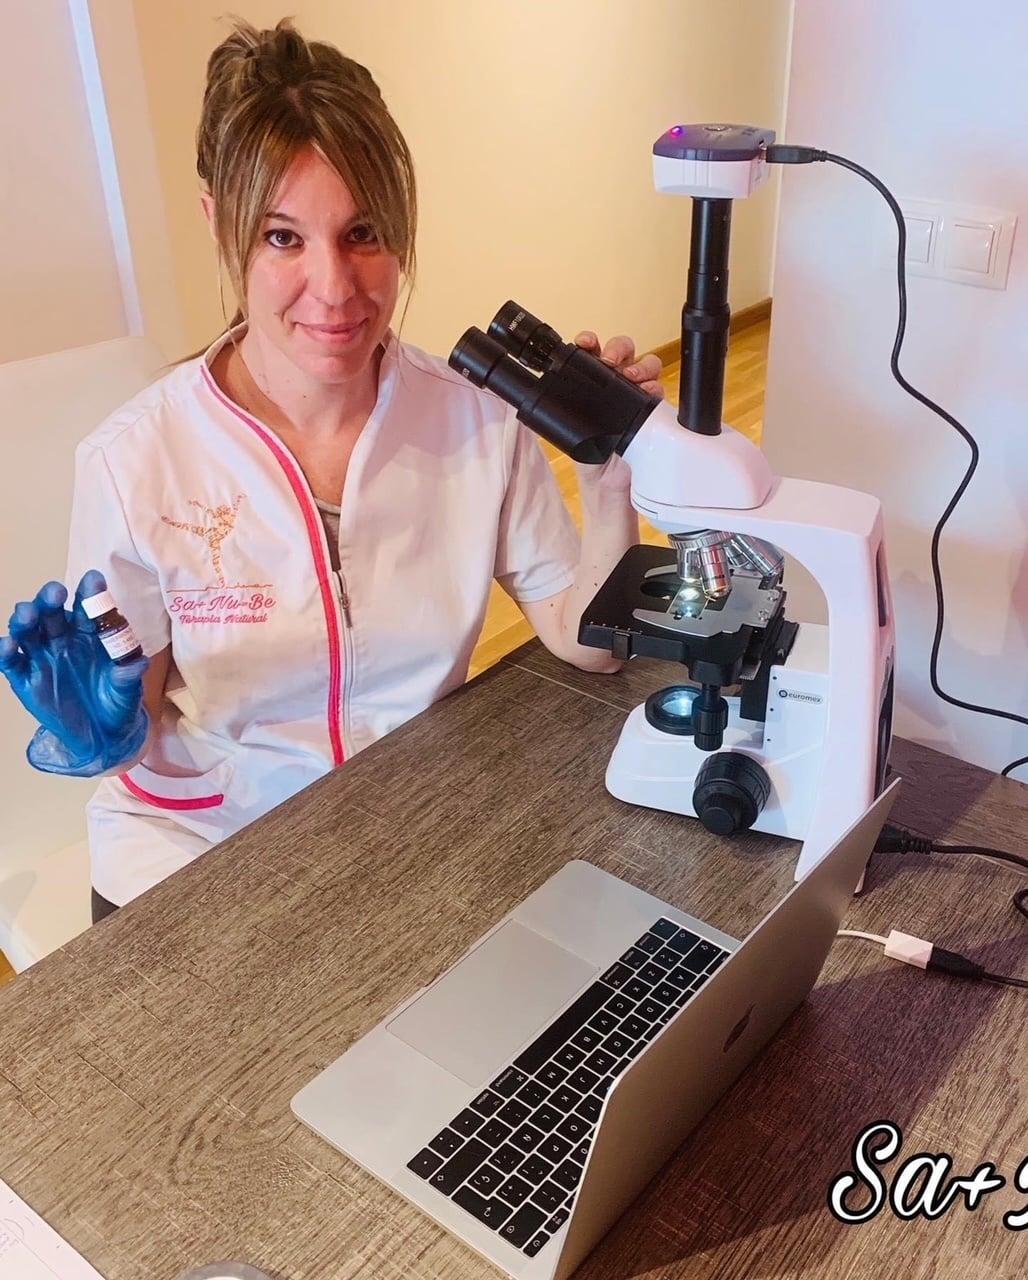 Mejora integral de tu salud con la nutrición que buscas - Sara García Martínez, nutricionista en la provincia de Castellón.